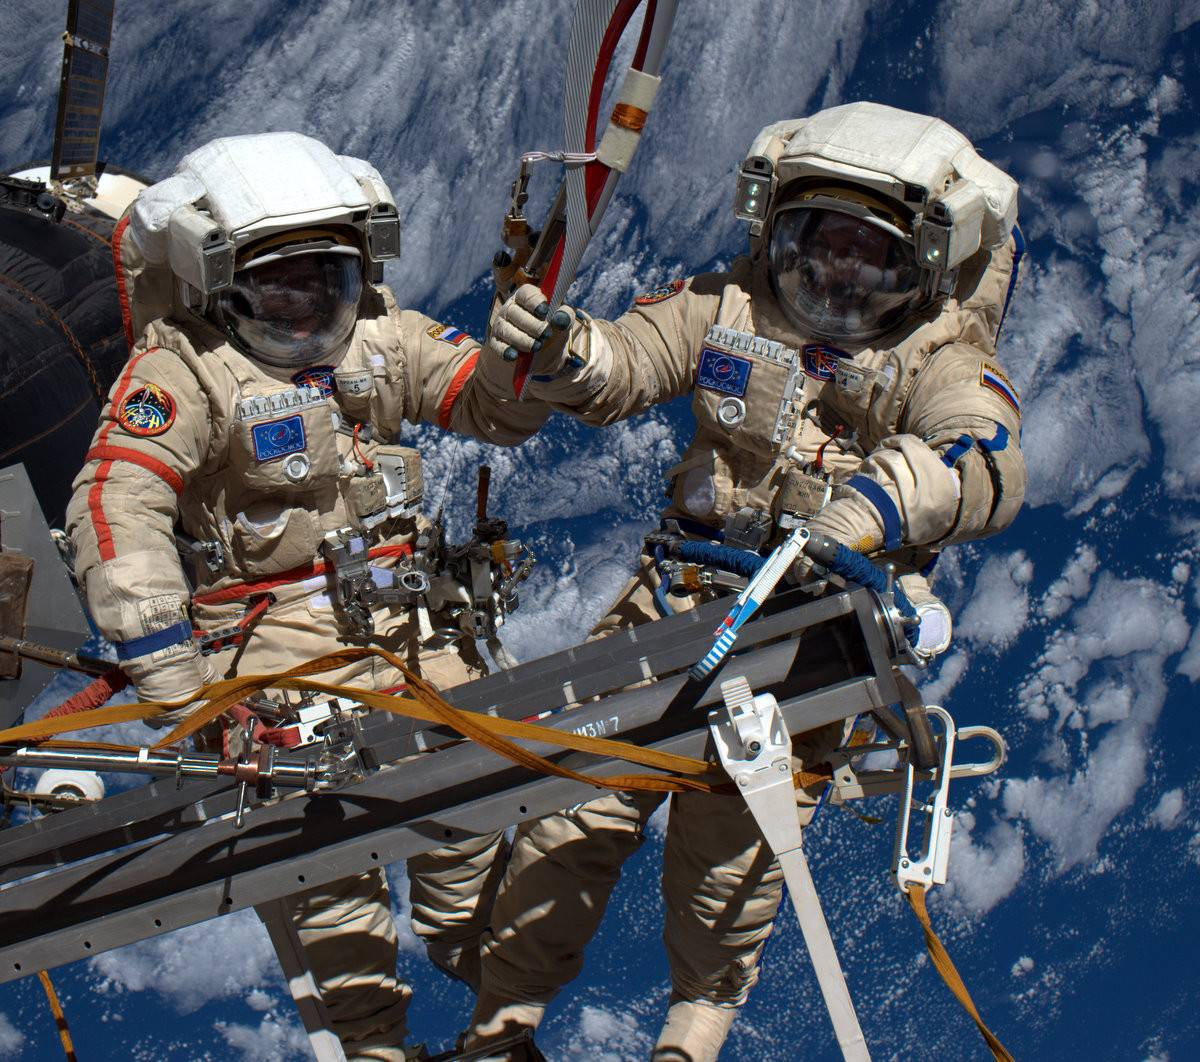 Русский космос остался в прошлом. Почему Россия больше не может конкурировать с другими странами?